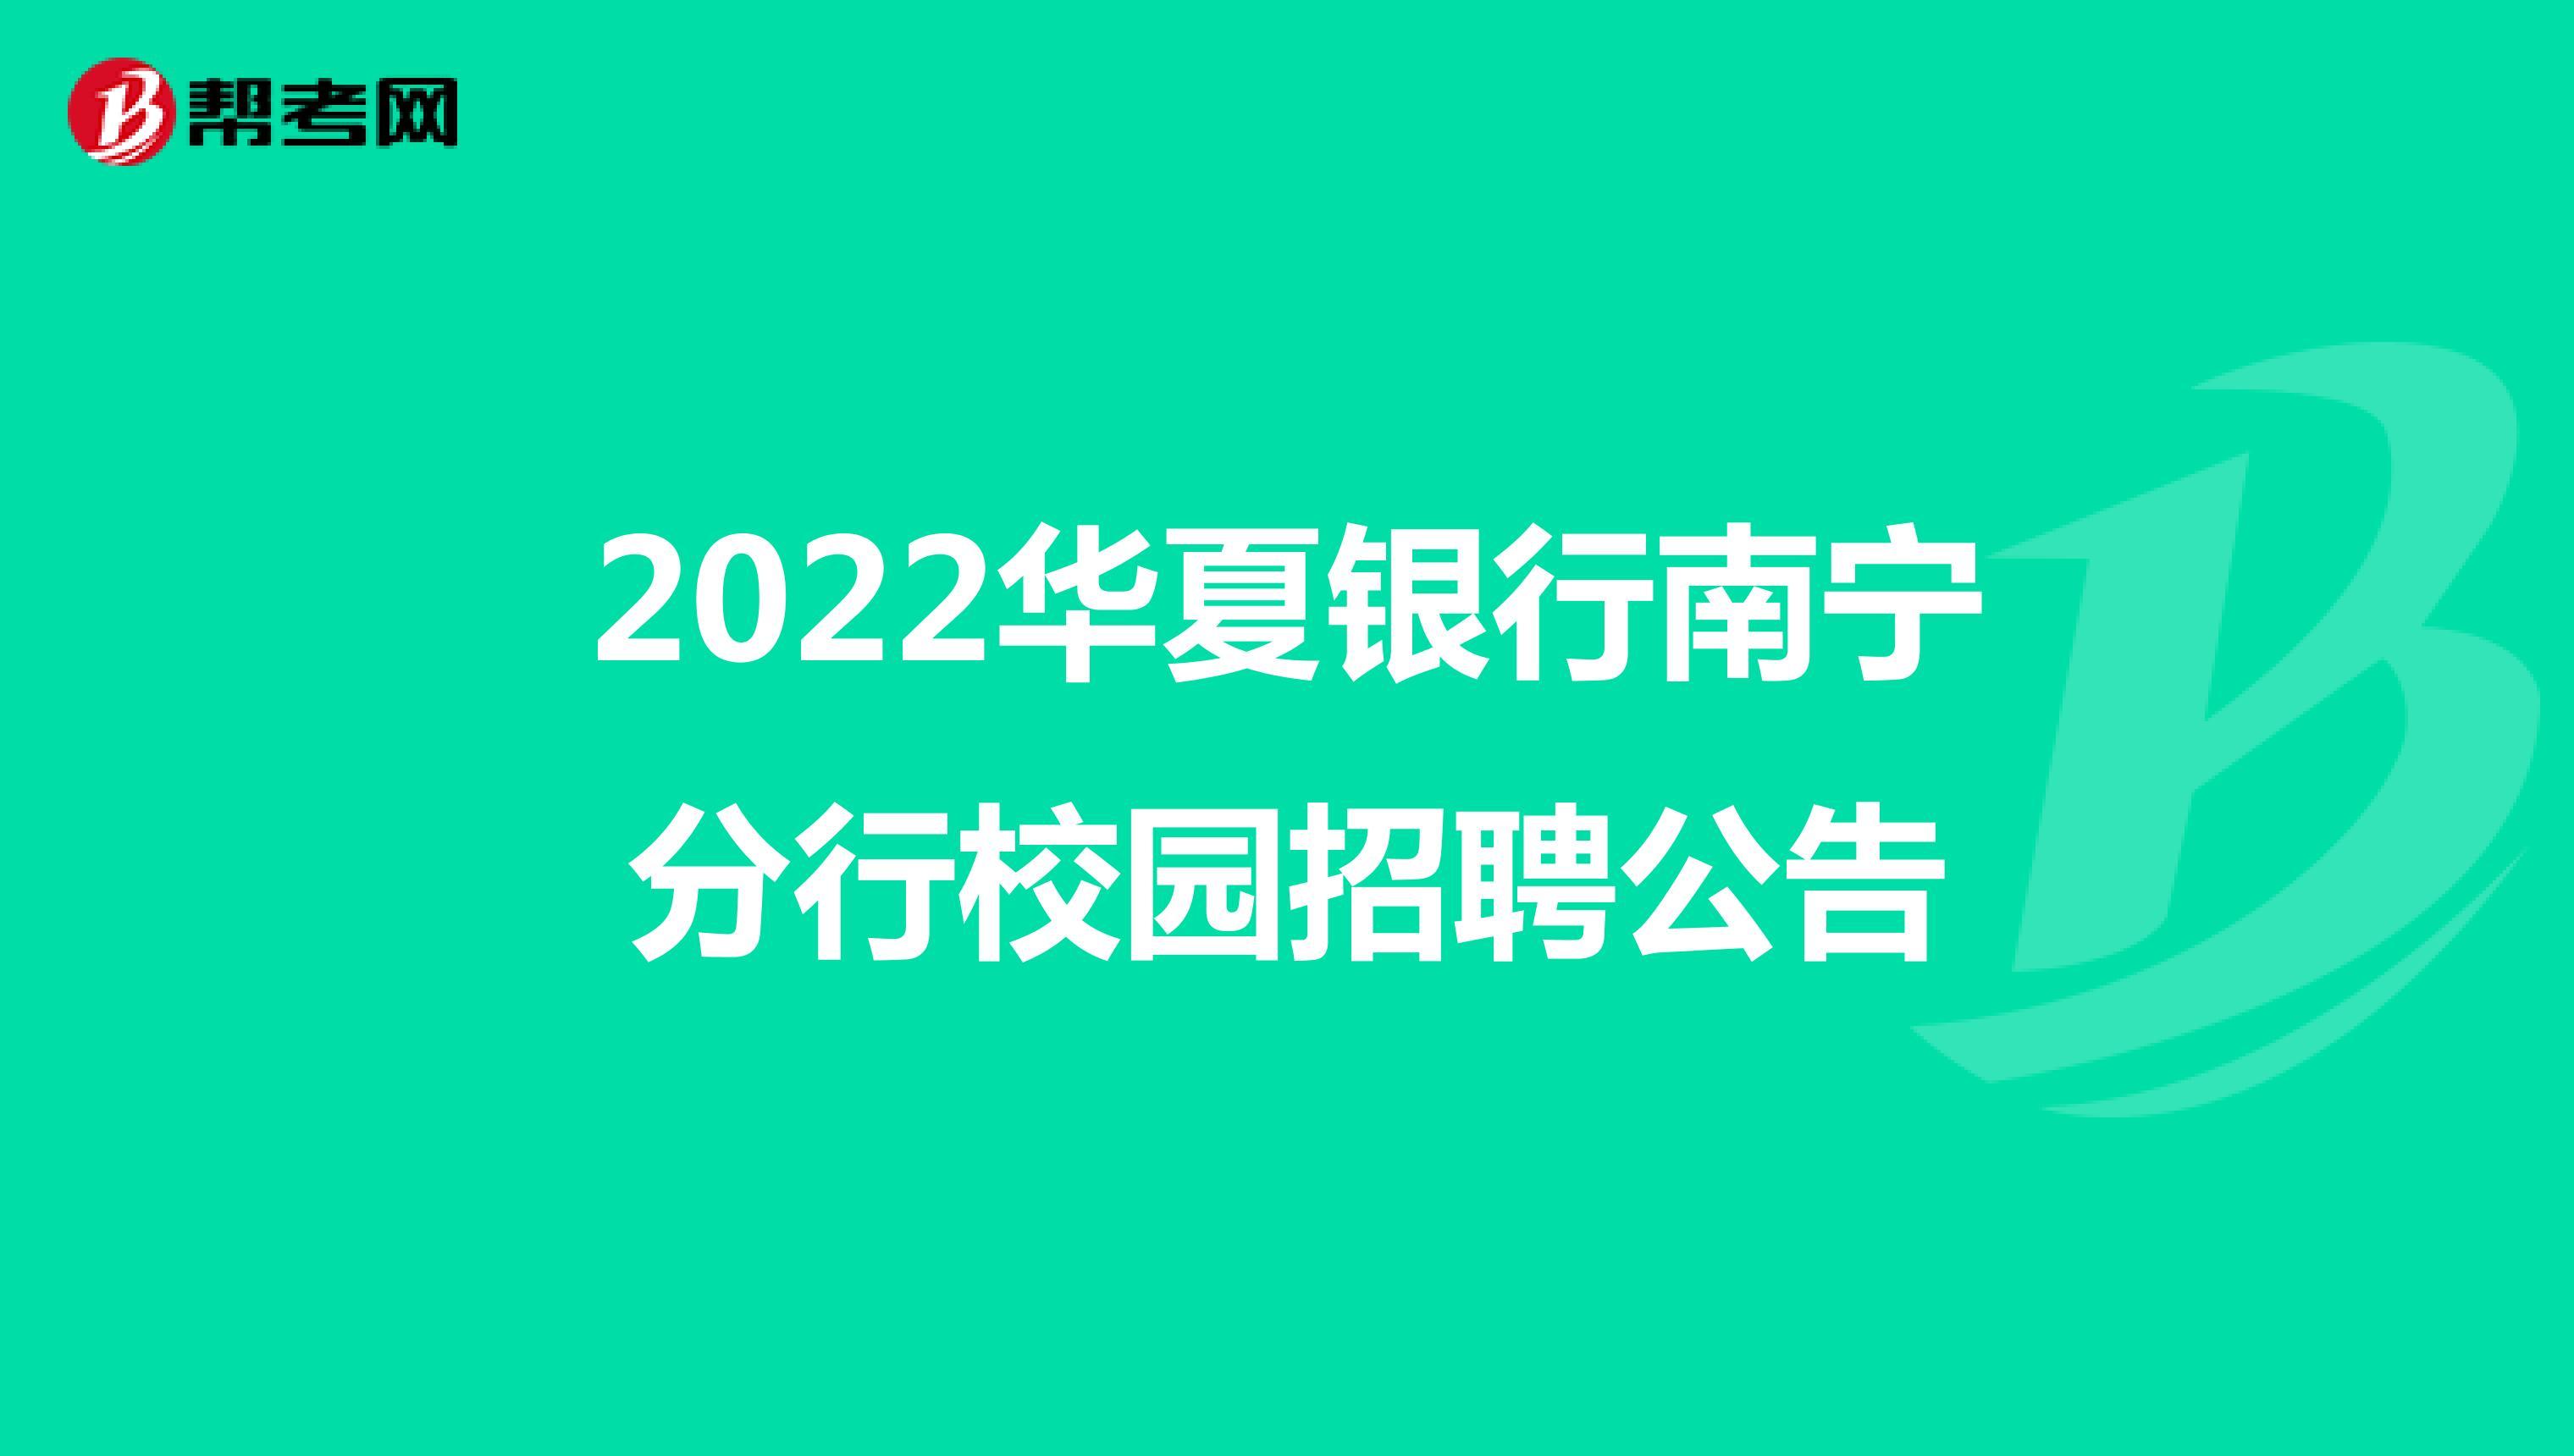 2022华夏银行南宁分行校园招聘公告,有兴趣的小伙伴千万别错过!